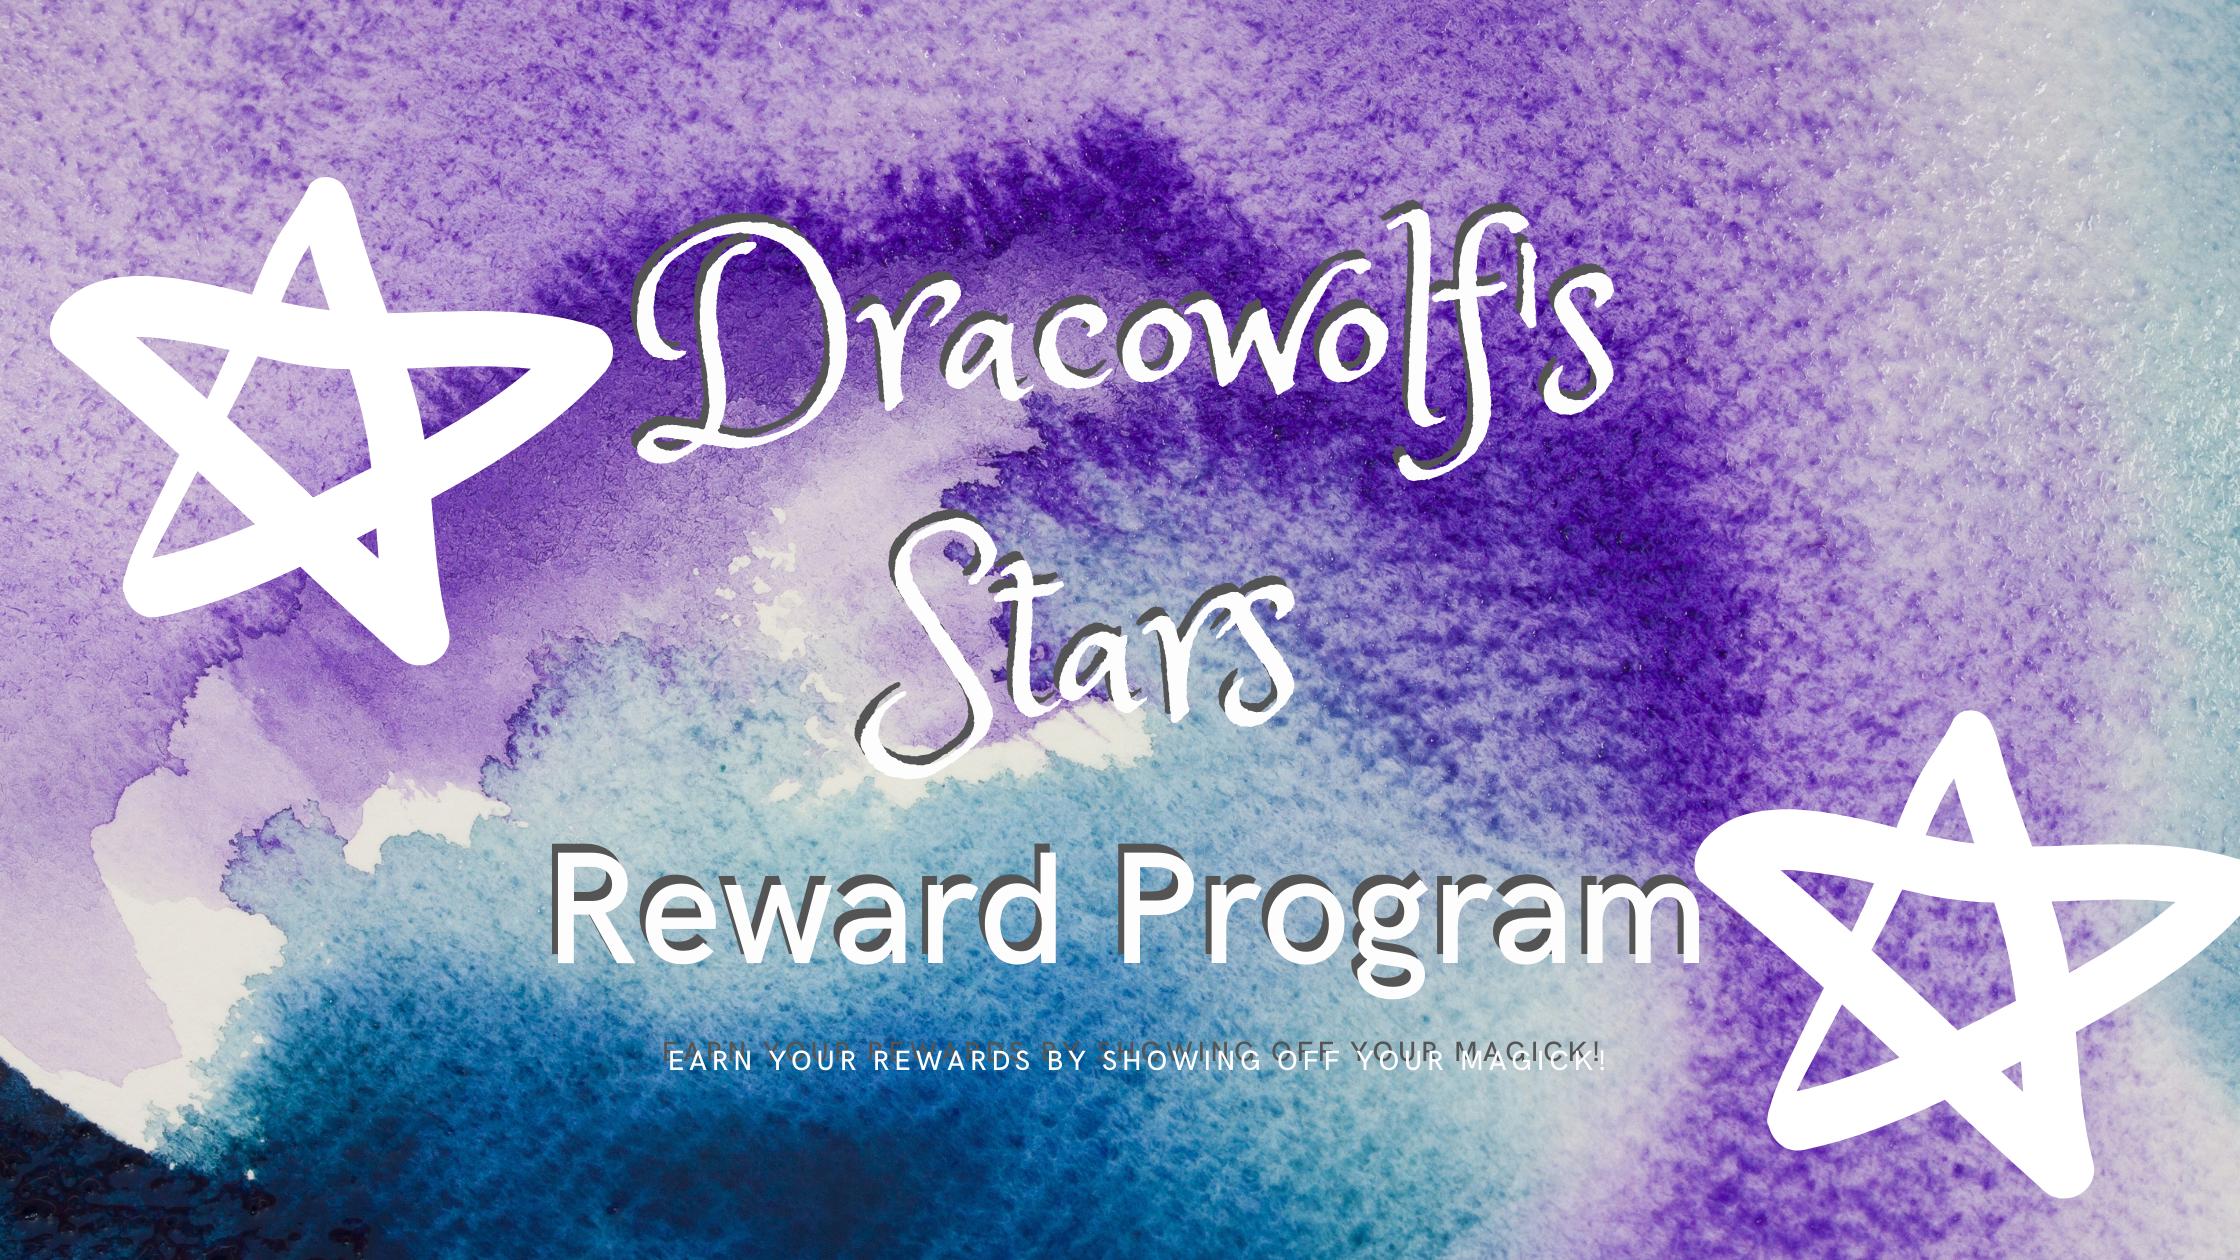 dracowolfs reward program